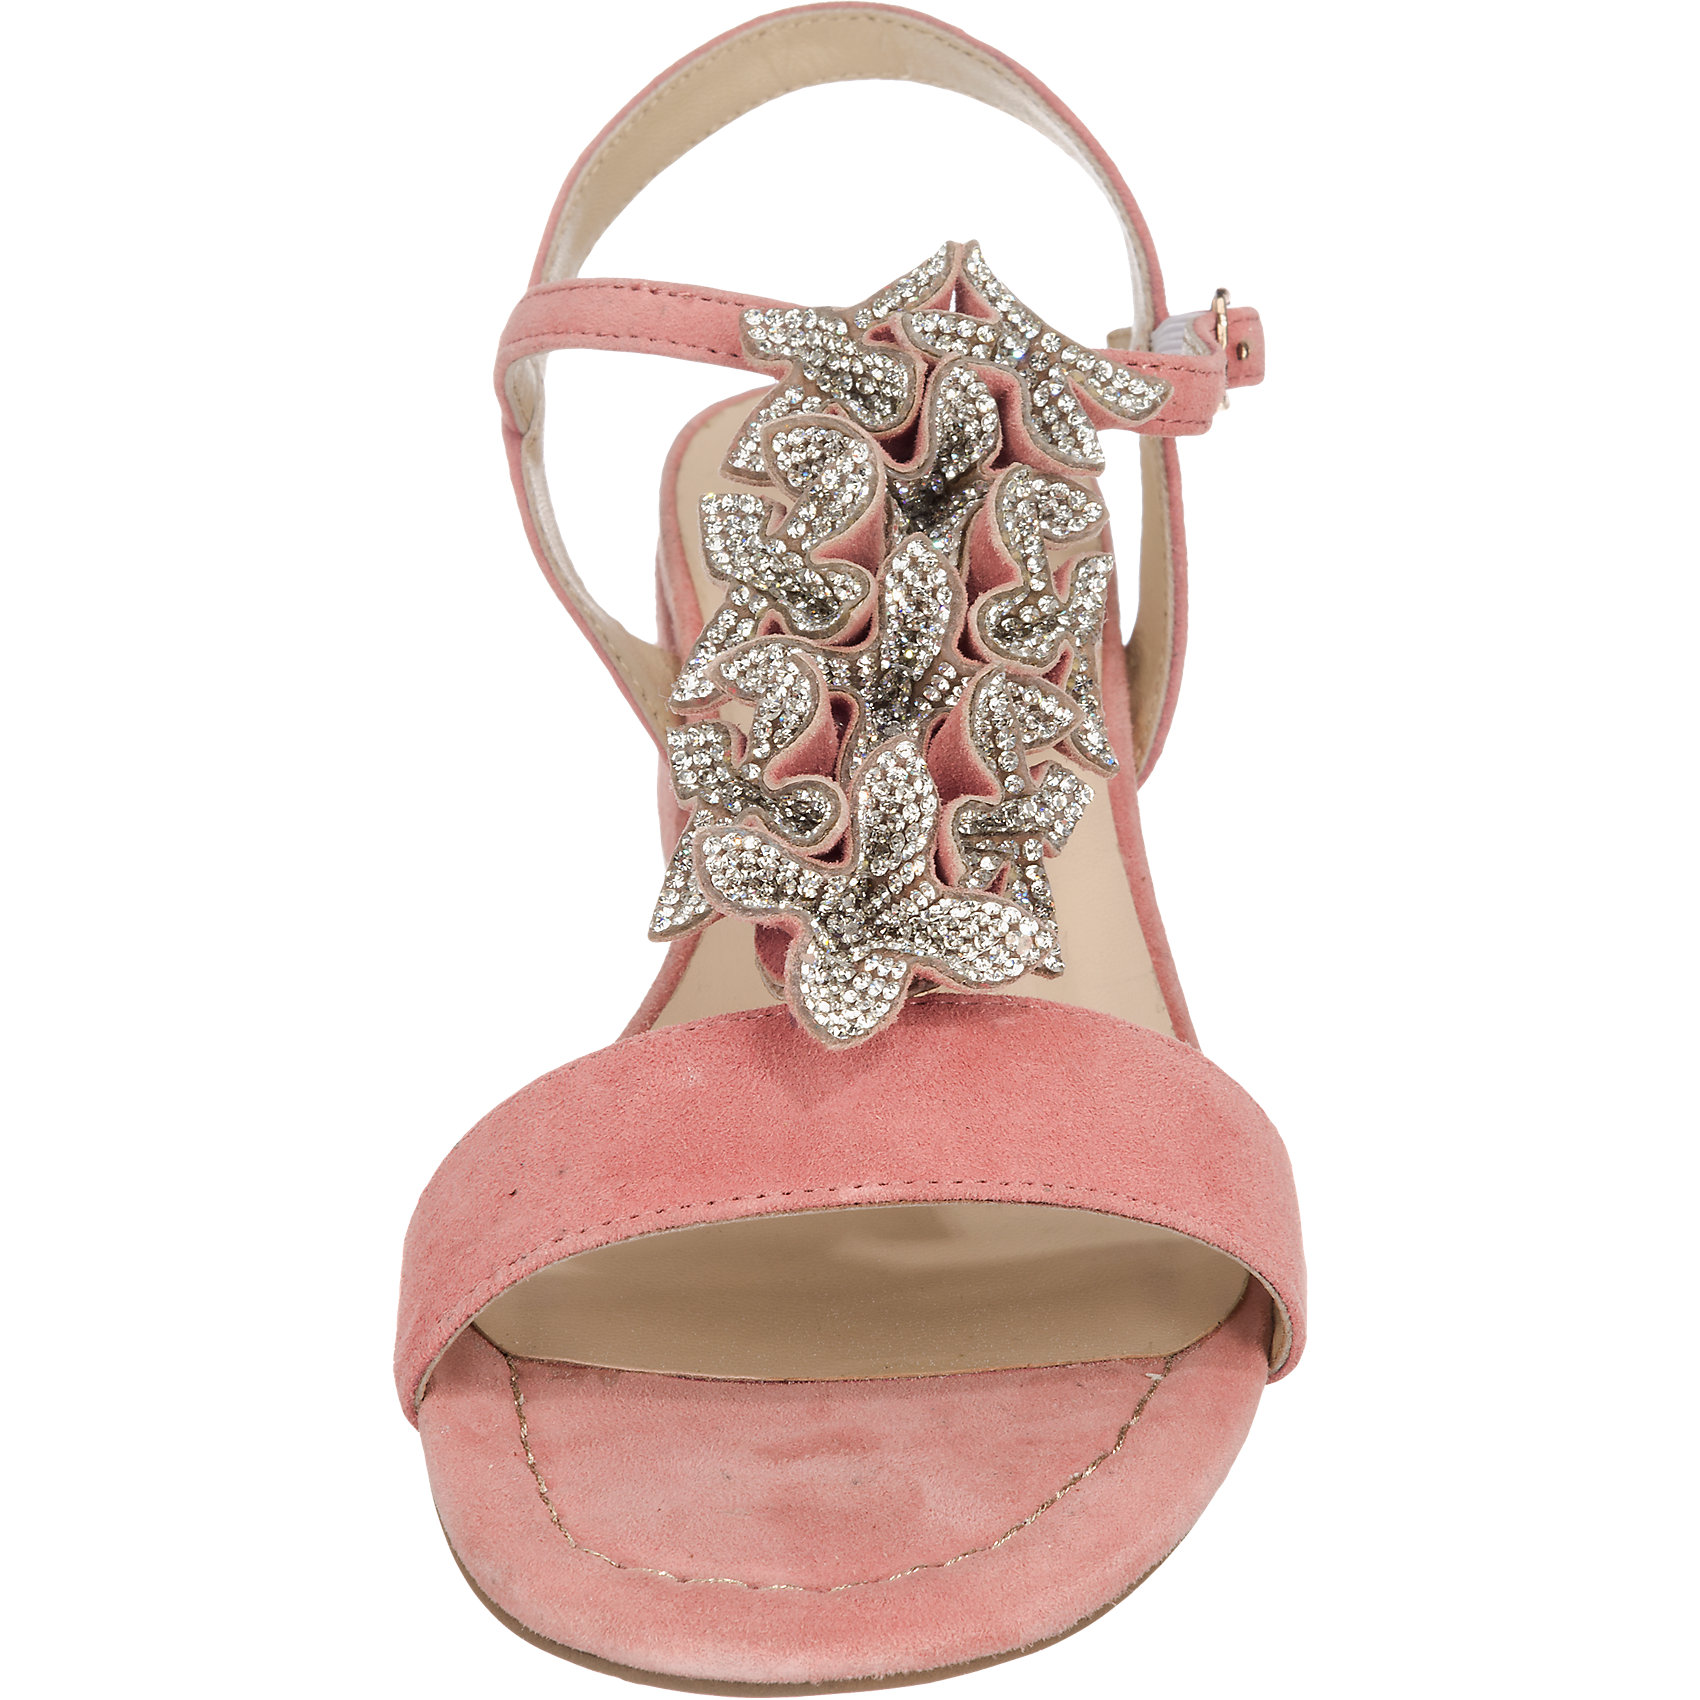 Details zu Neu Alma en Pena Sandaletten rosa 5773938